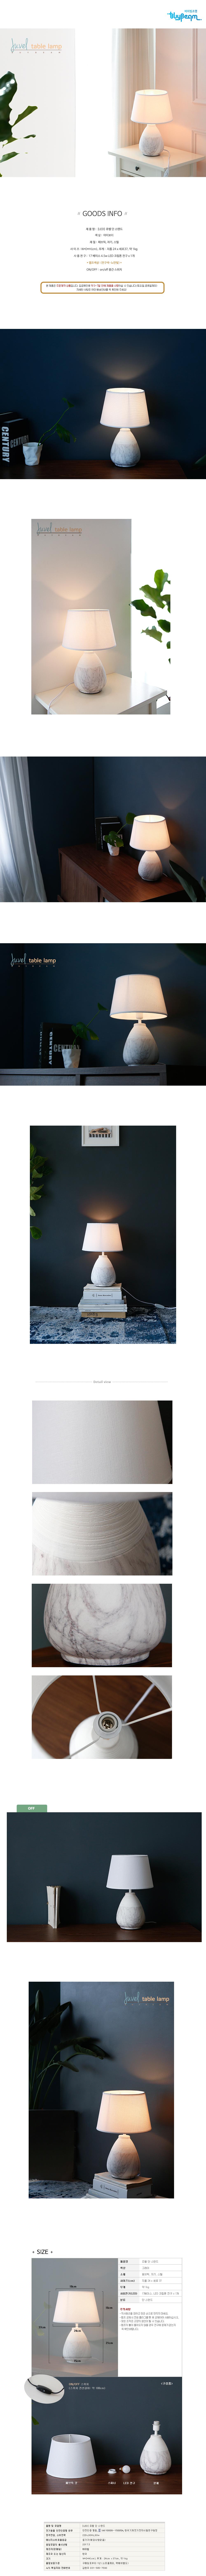 [LED] 쥬벨 단스탠드 - 바이빔, 52,000원, 테이블 조명, 원통형